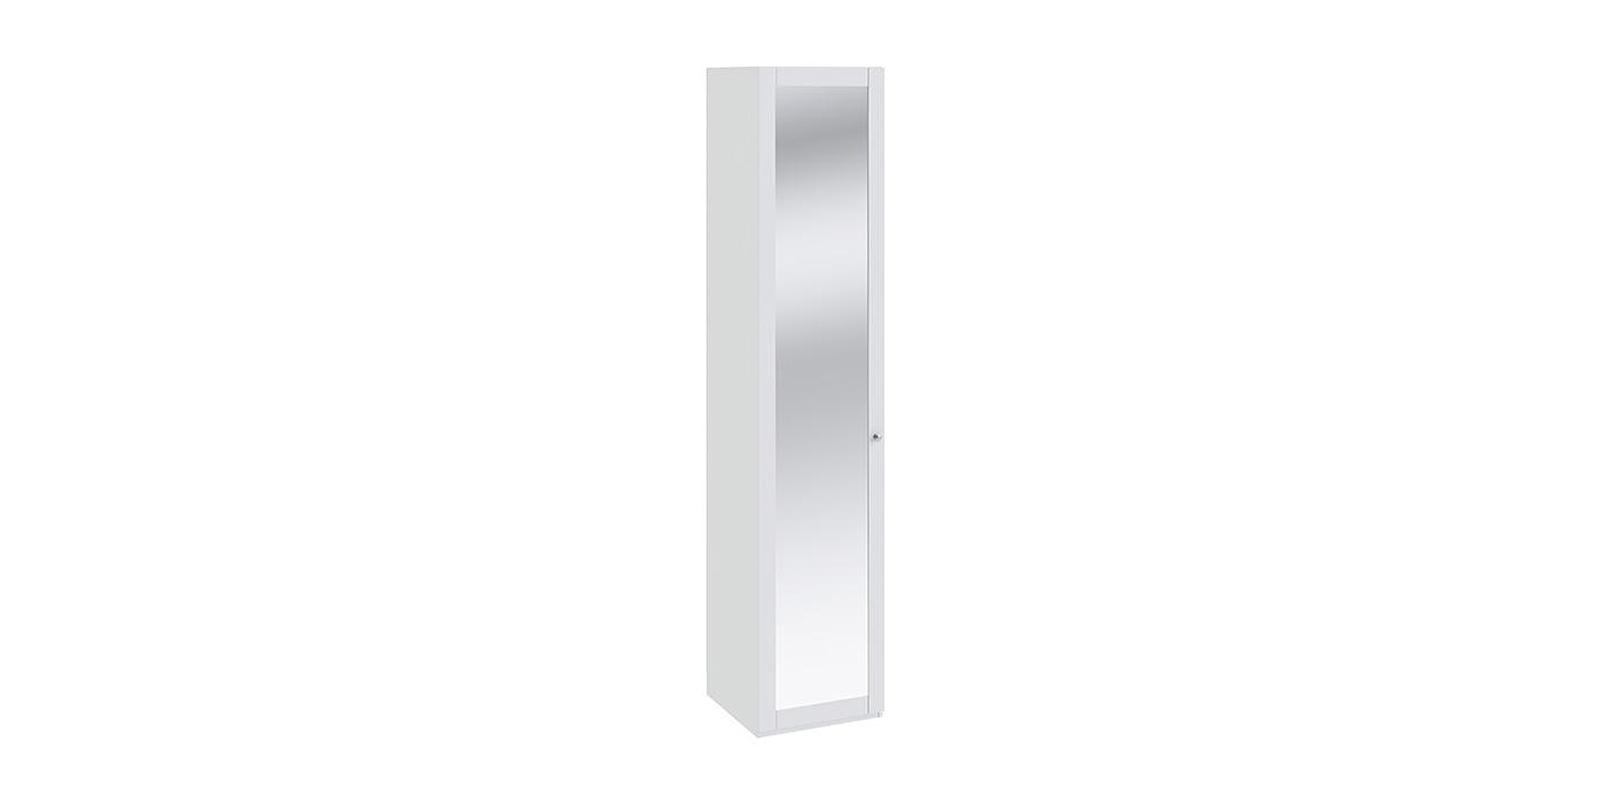 Шкаф распашной однодверный Мерида вариант №8 (белый/зеркало)